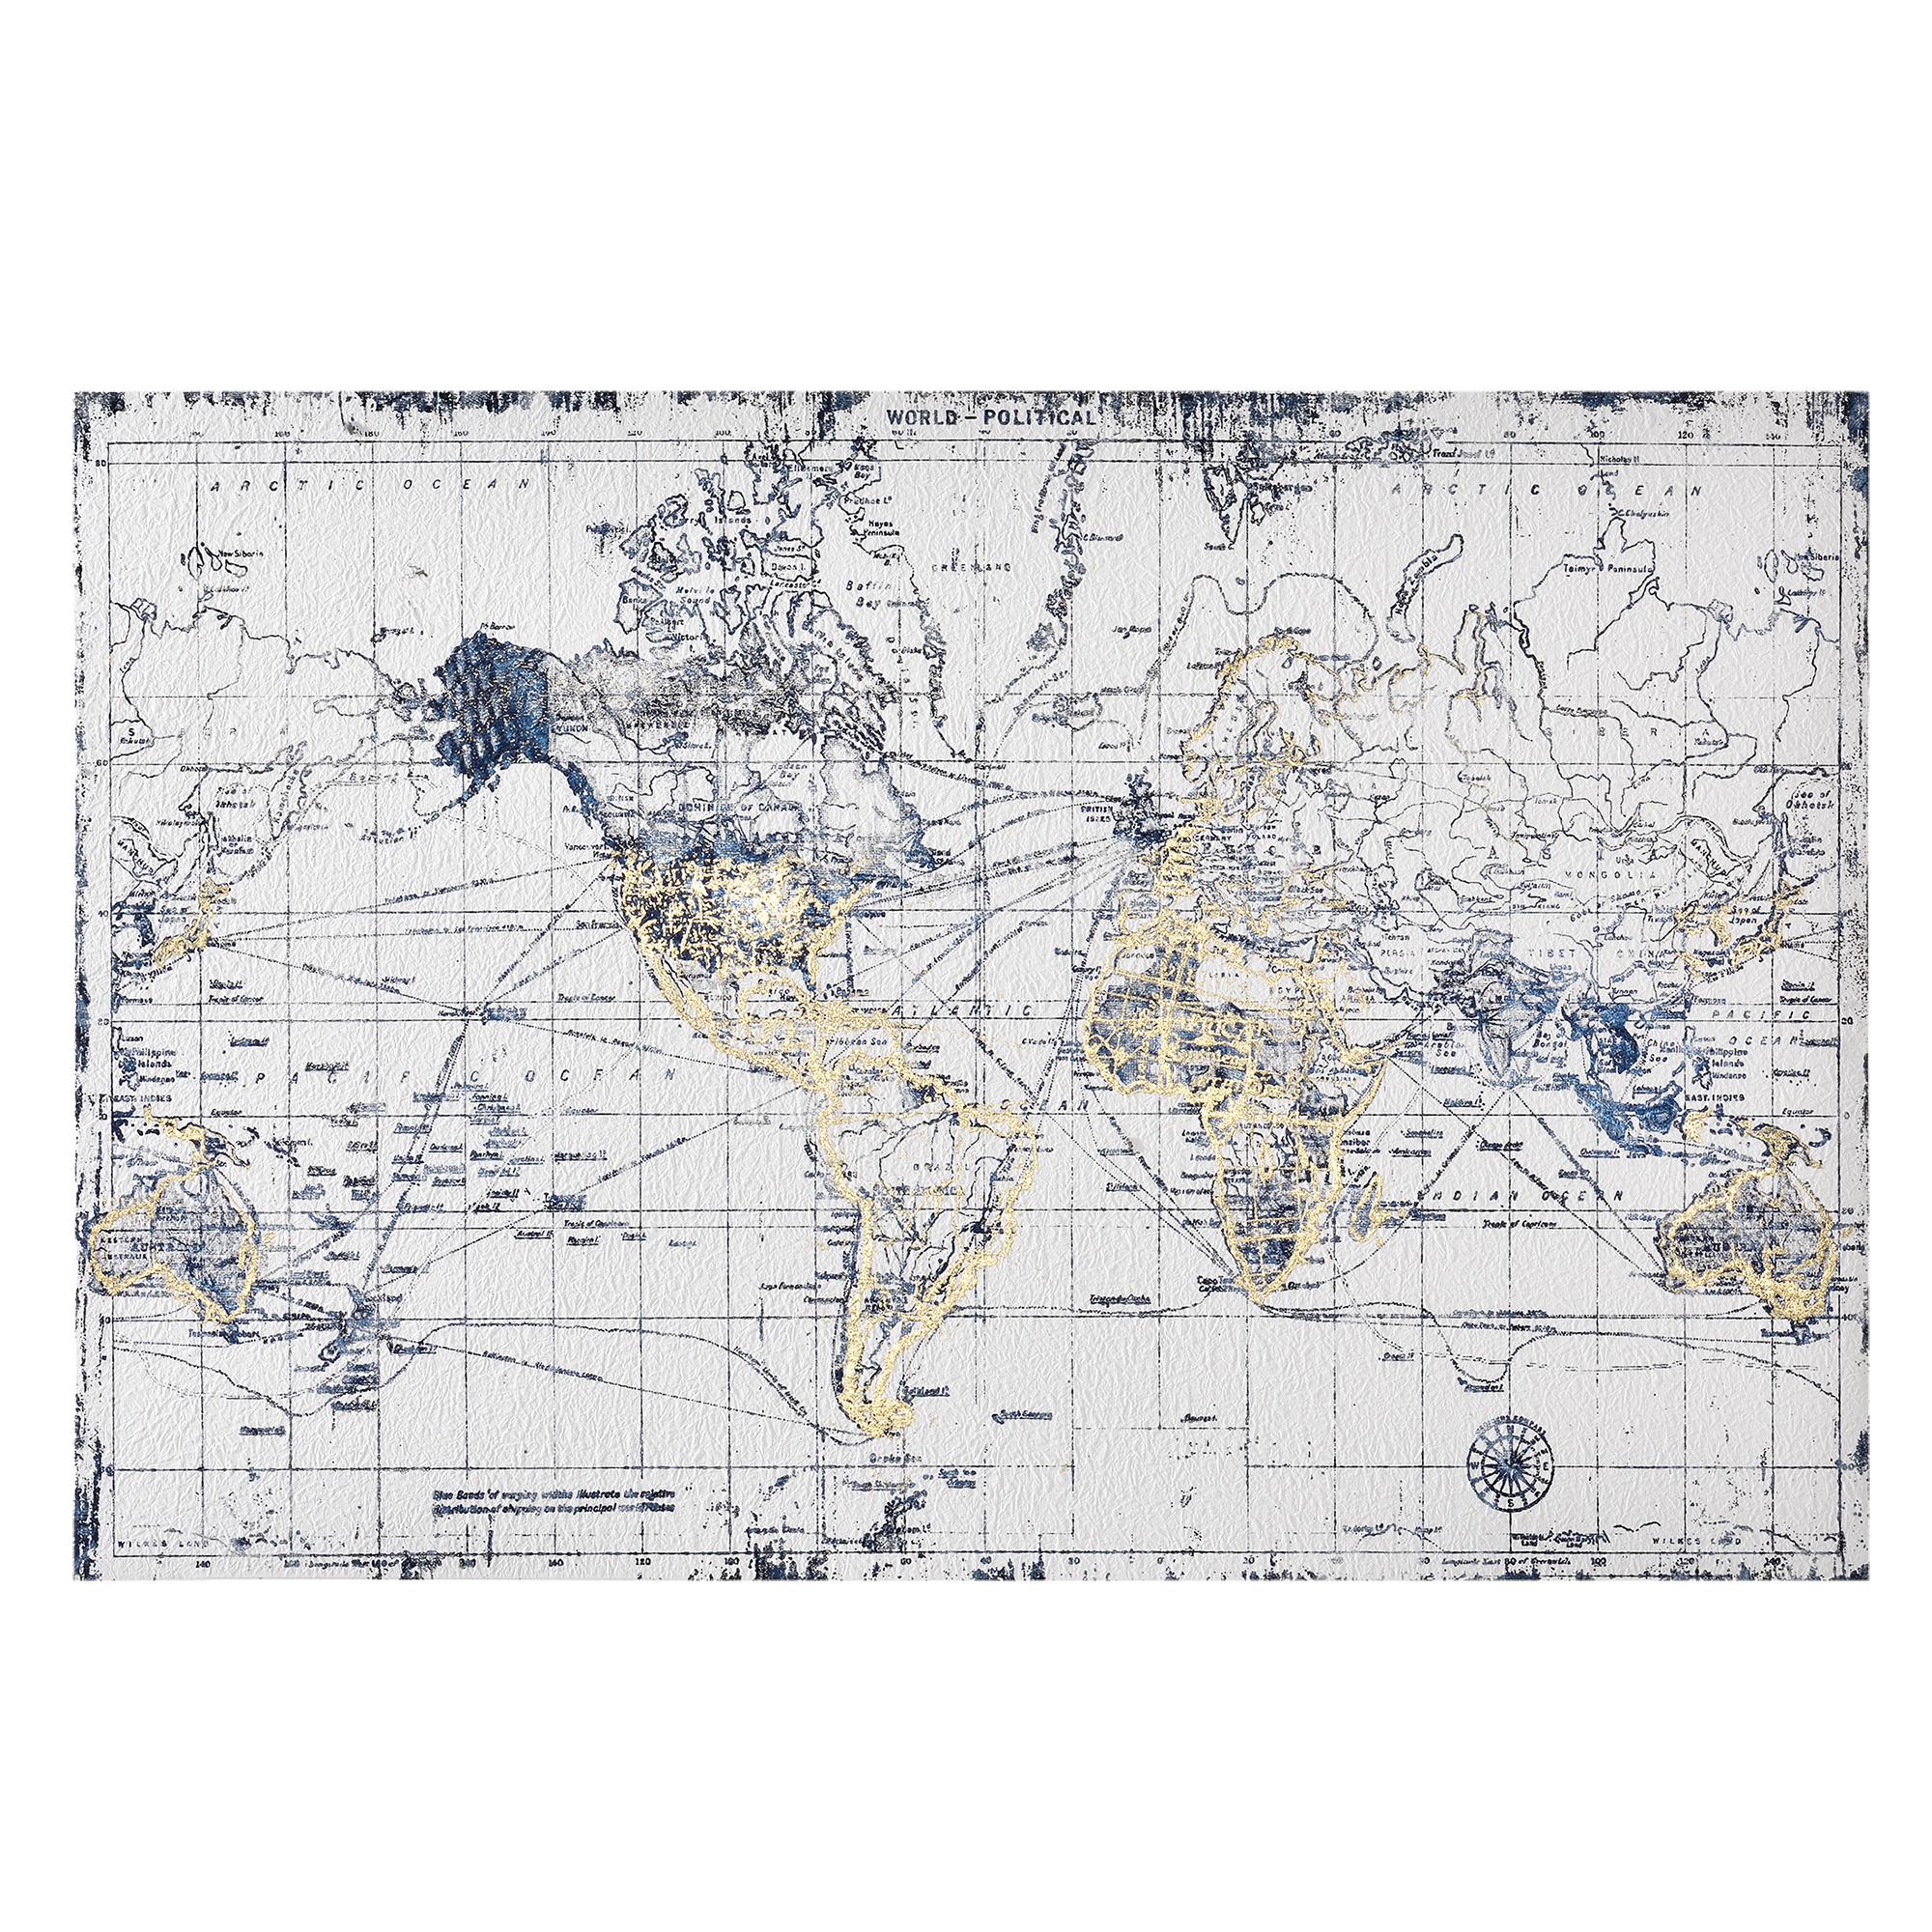 tableau mural 60x90cm carte du monde toile toiles tendues encadr ebay. Black Bedroom Furniture Sets. Home Design Ideas